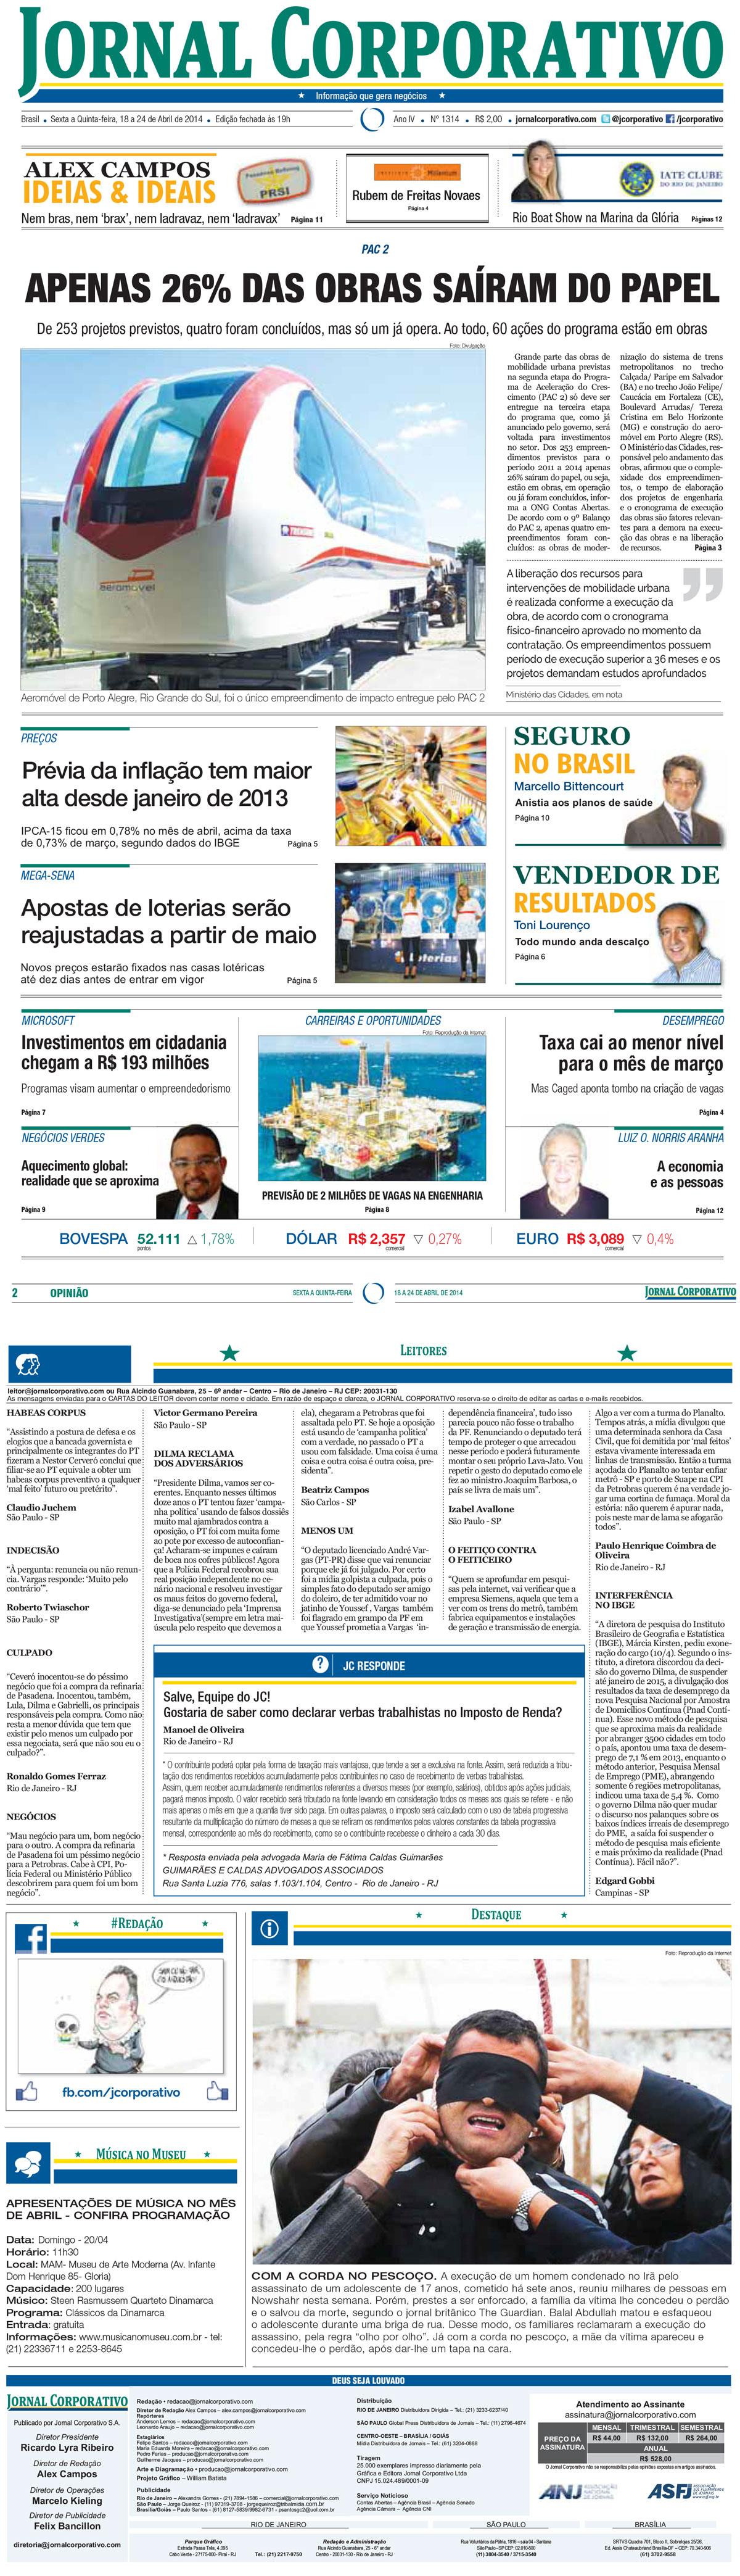 Jornal-Corporativo-IR-Trabalhista